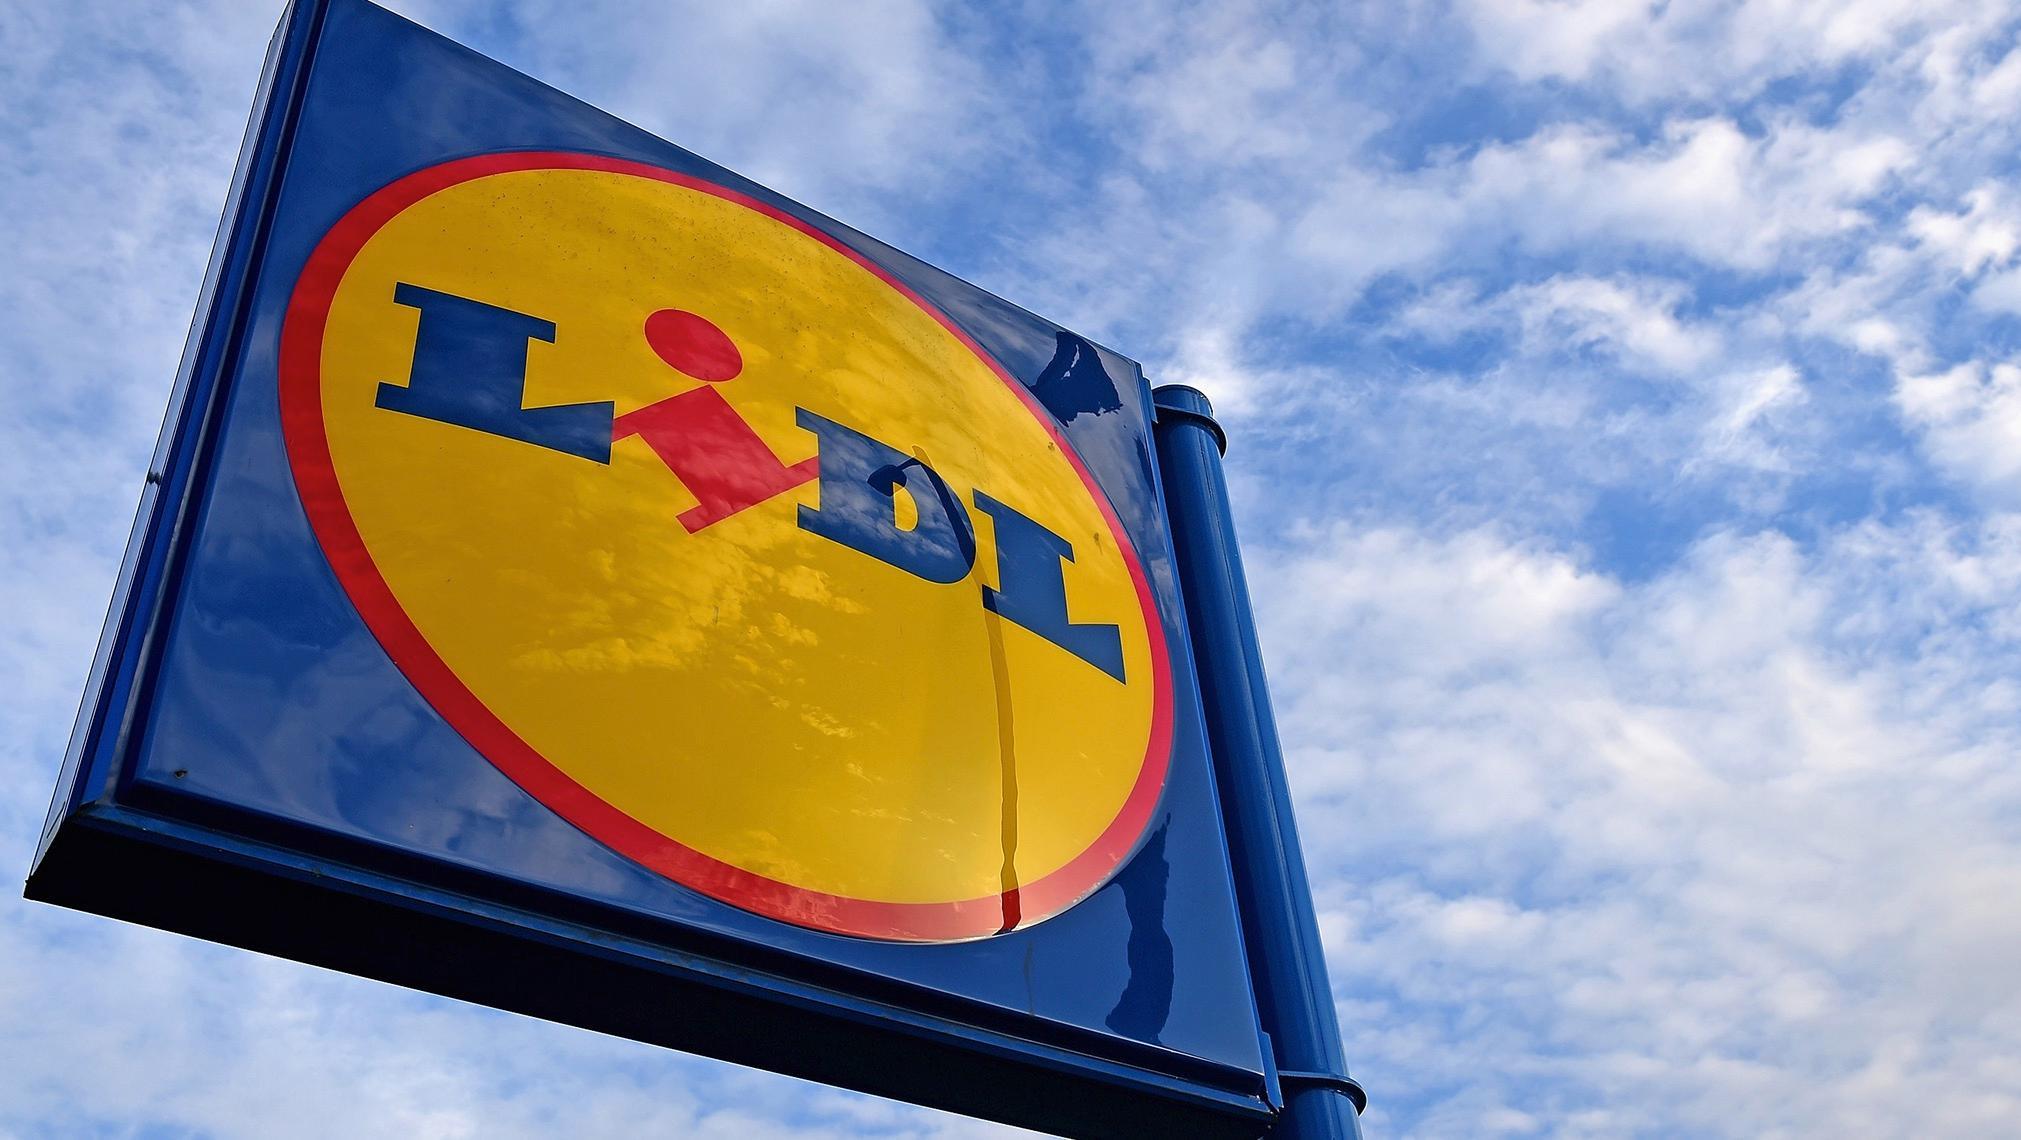 Un tout nouveau Lidl à Leuze : le permis a été accordé à la direction allemande